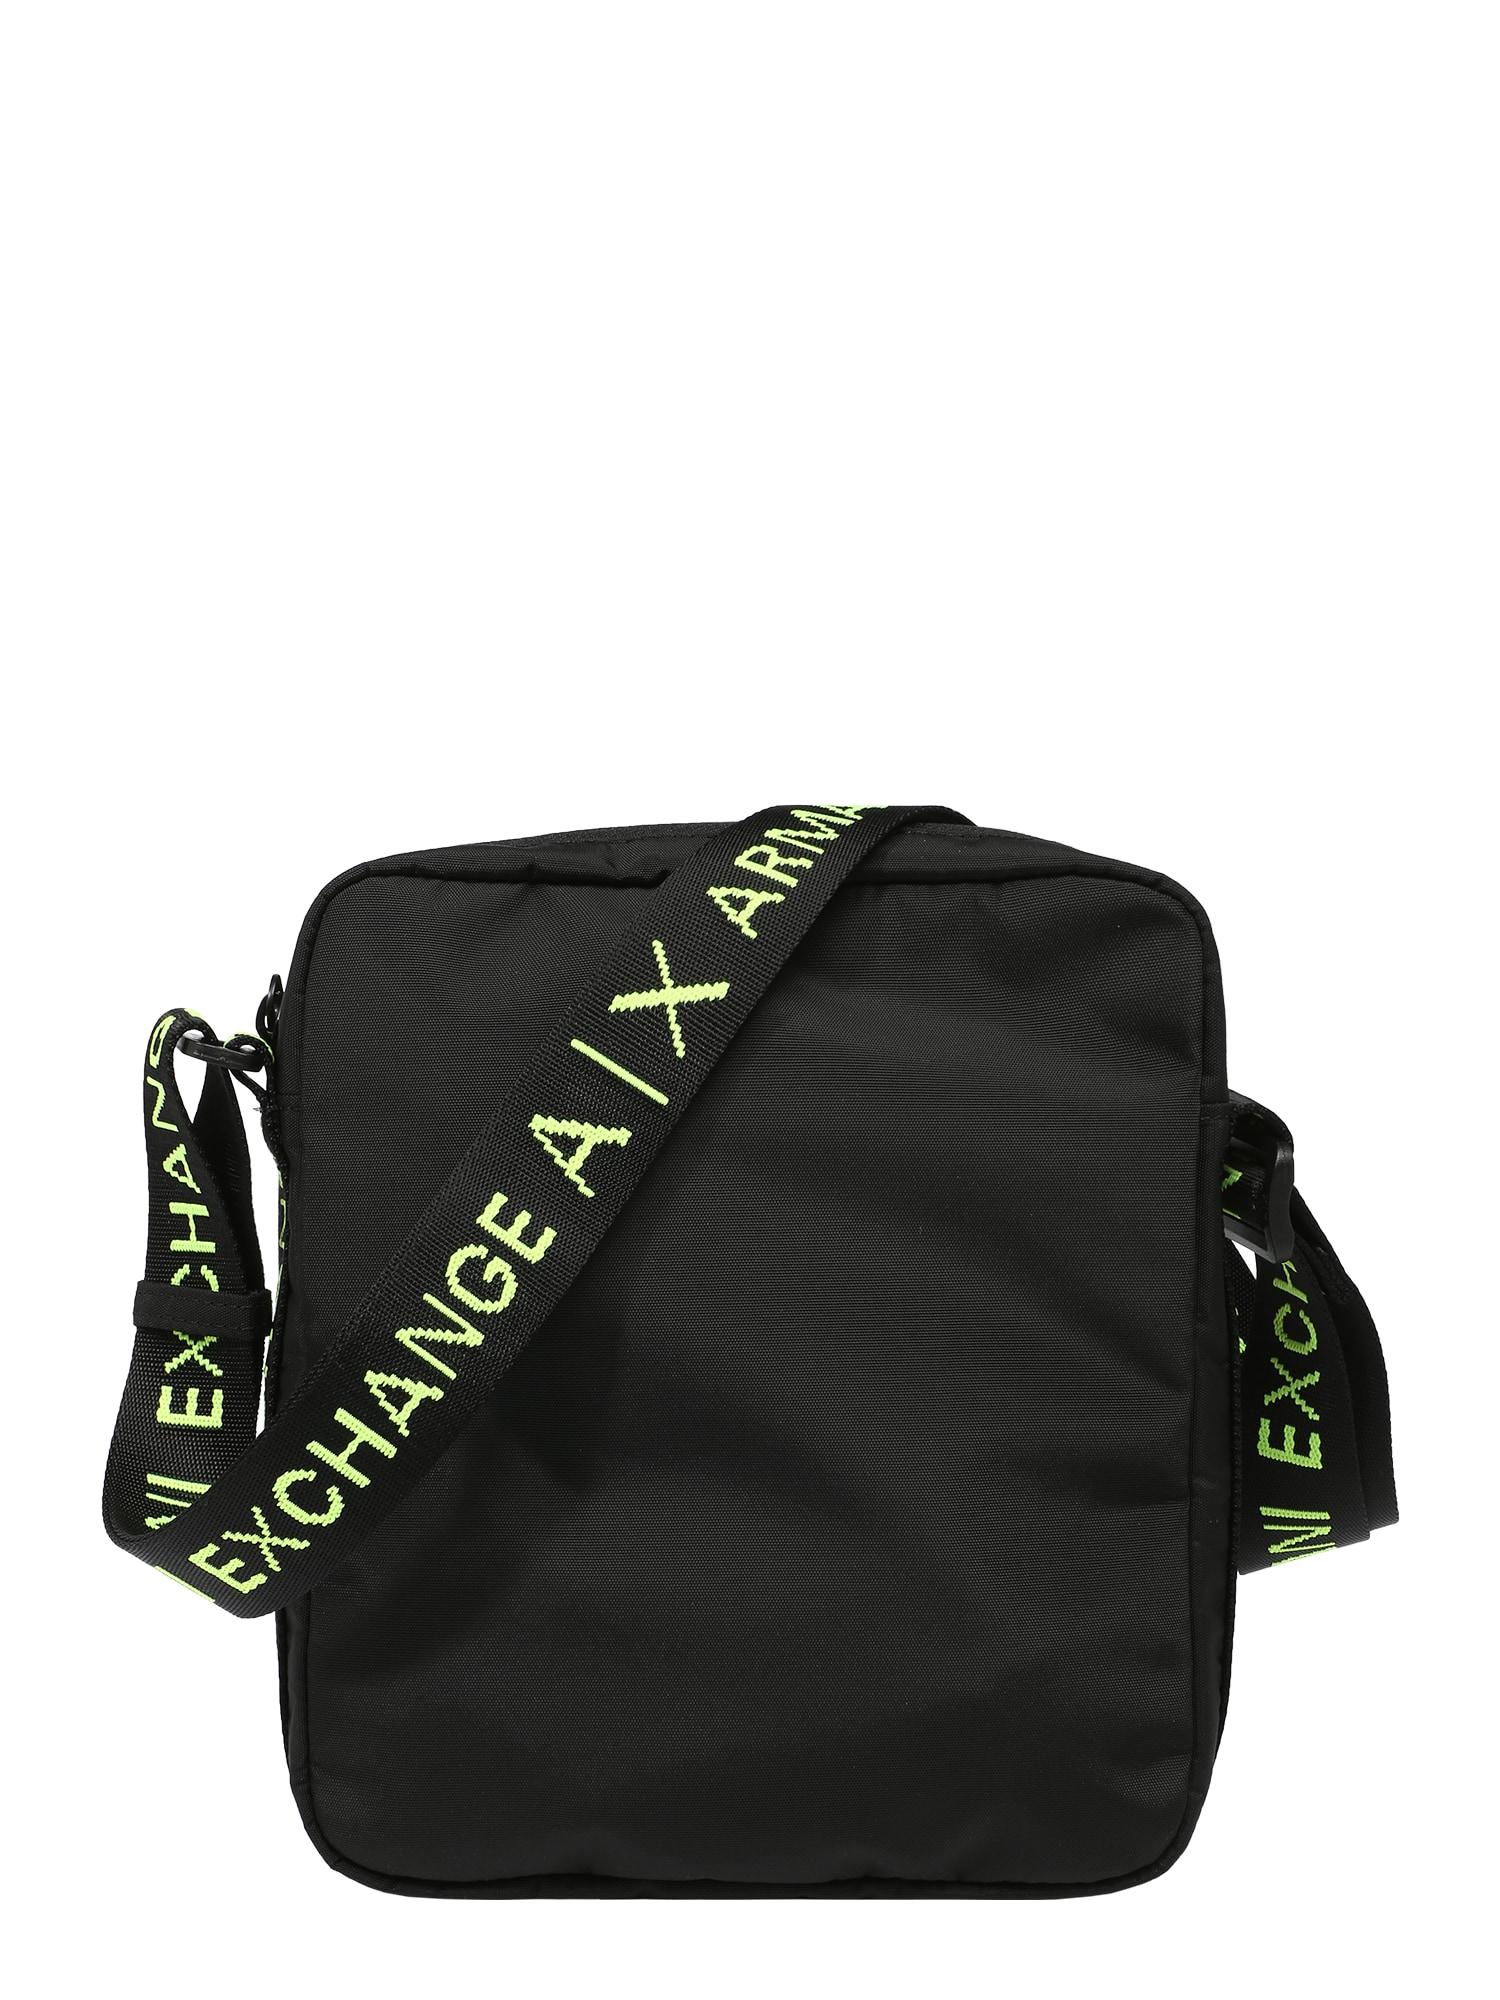 ARMANI EXCHANGE Rankinė su ilgu dirželiu juoda / neoninė žalia